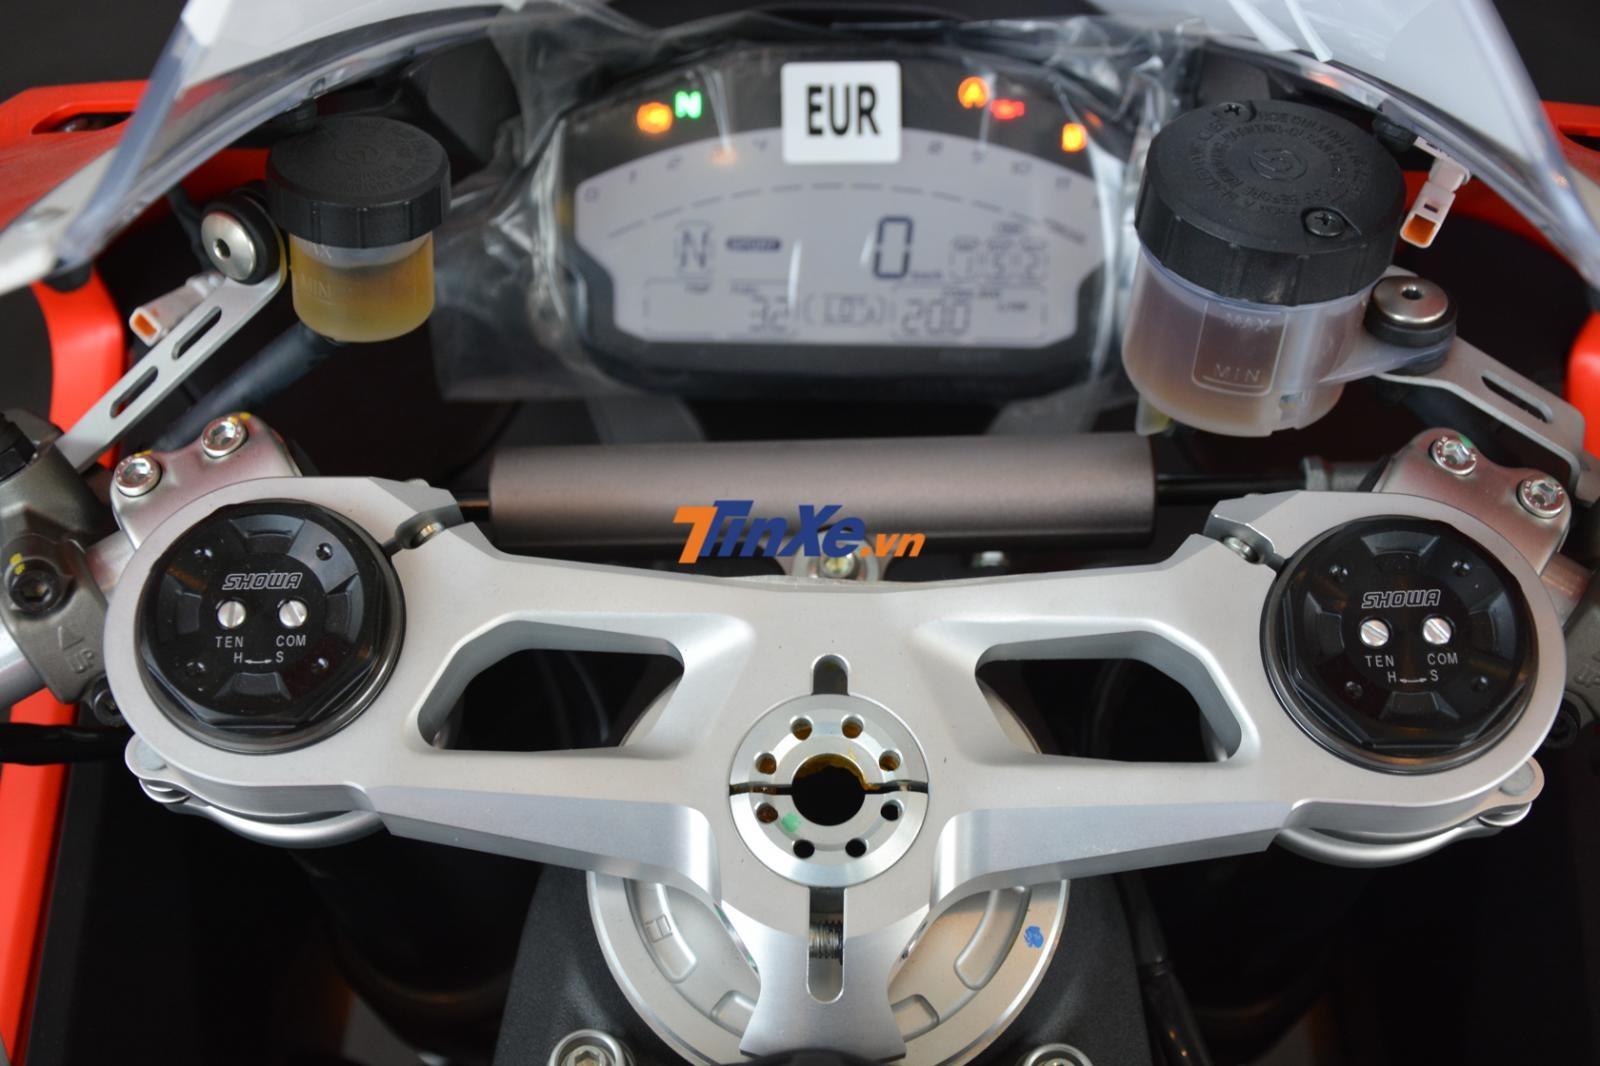 Phuộc trước của Ducati 959 Panigale Corse về Việt Nam vẫn của Showa thay cho Ohlins như xe ra mắt tại triển lãm EICMA 2017